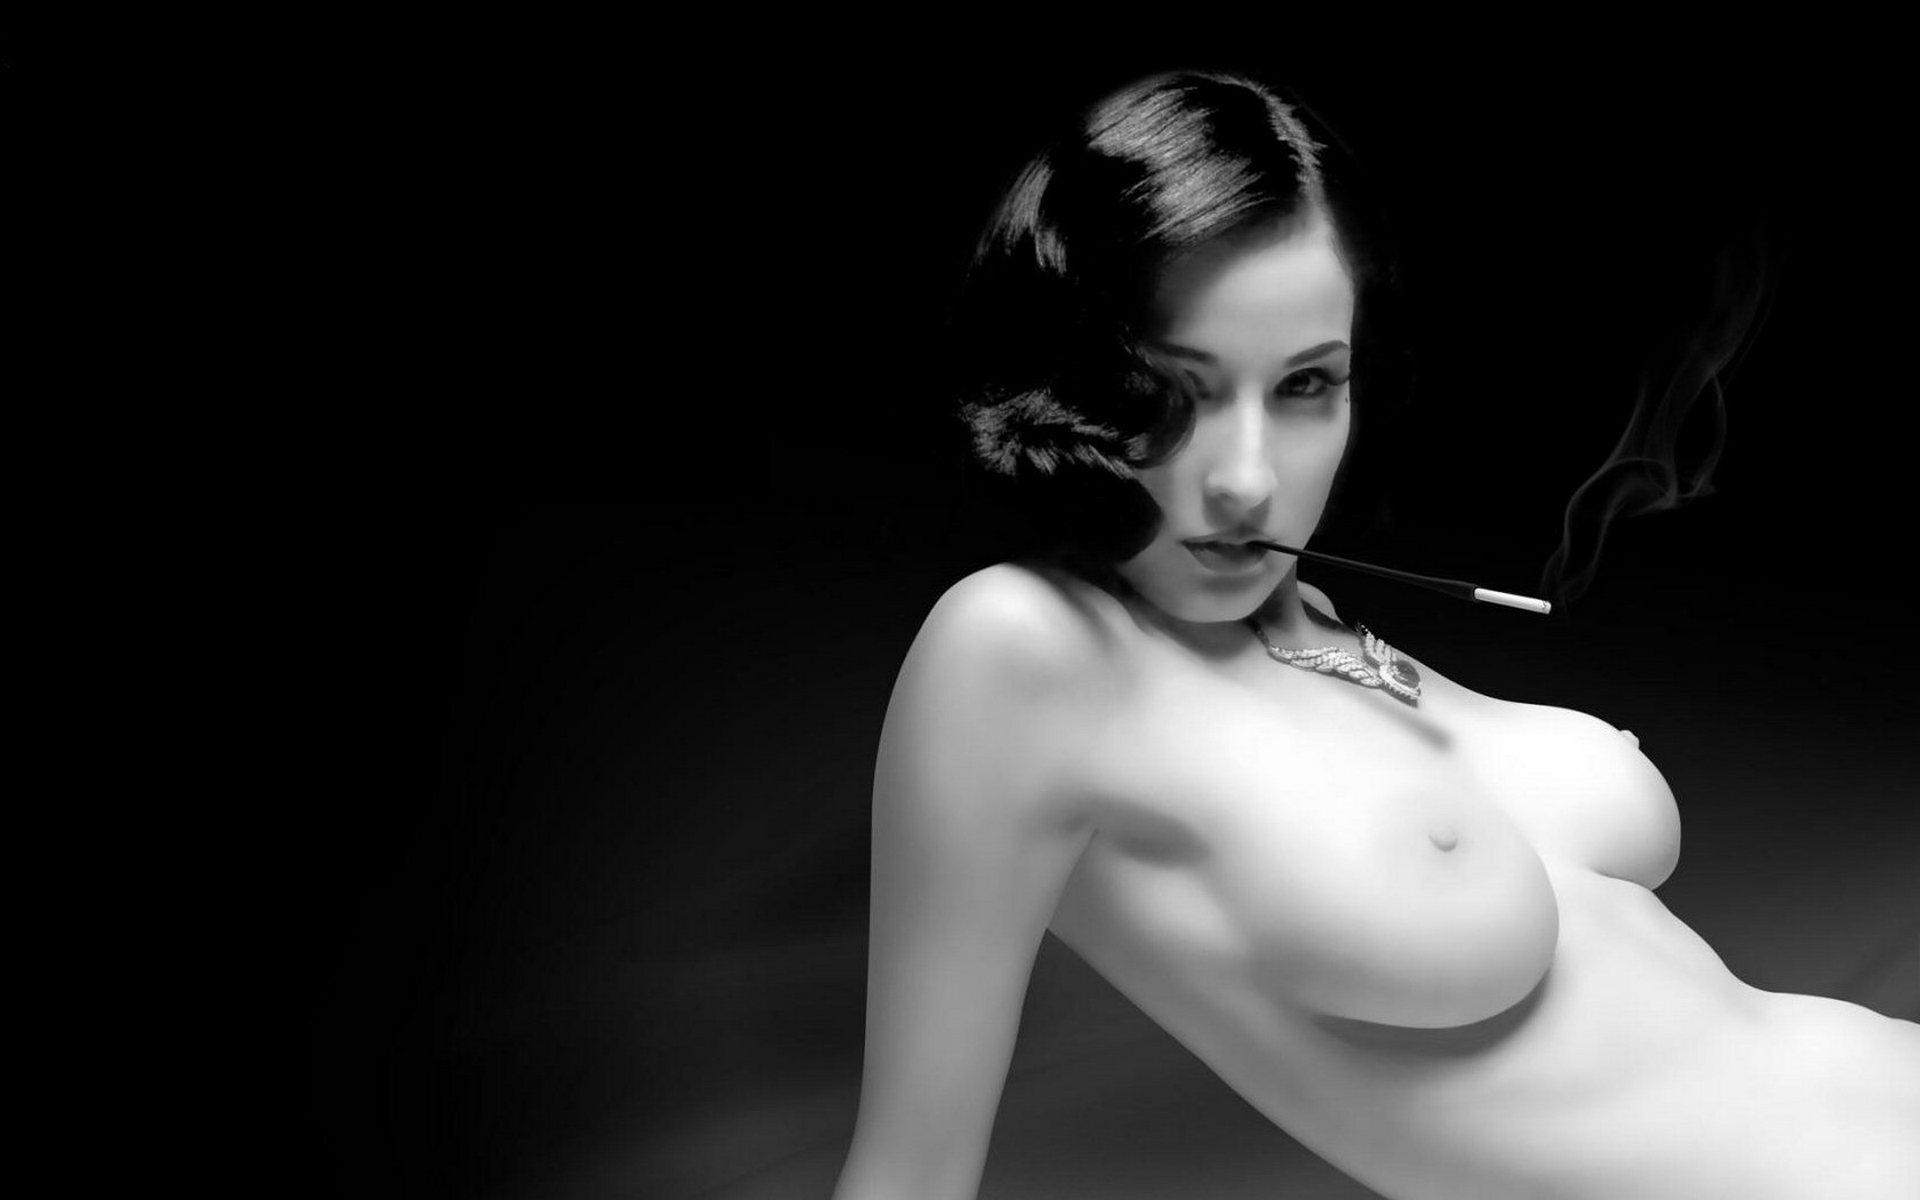 Эротика фото черный фон, Стройное голое тело статной девушки на черном фоне 14 фотография